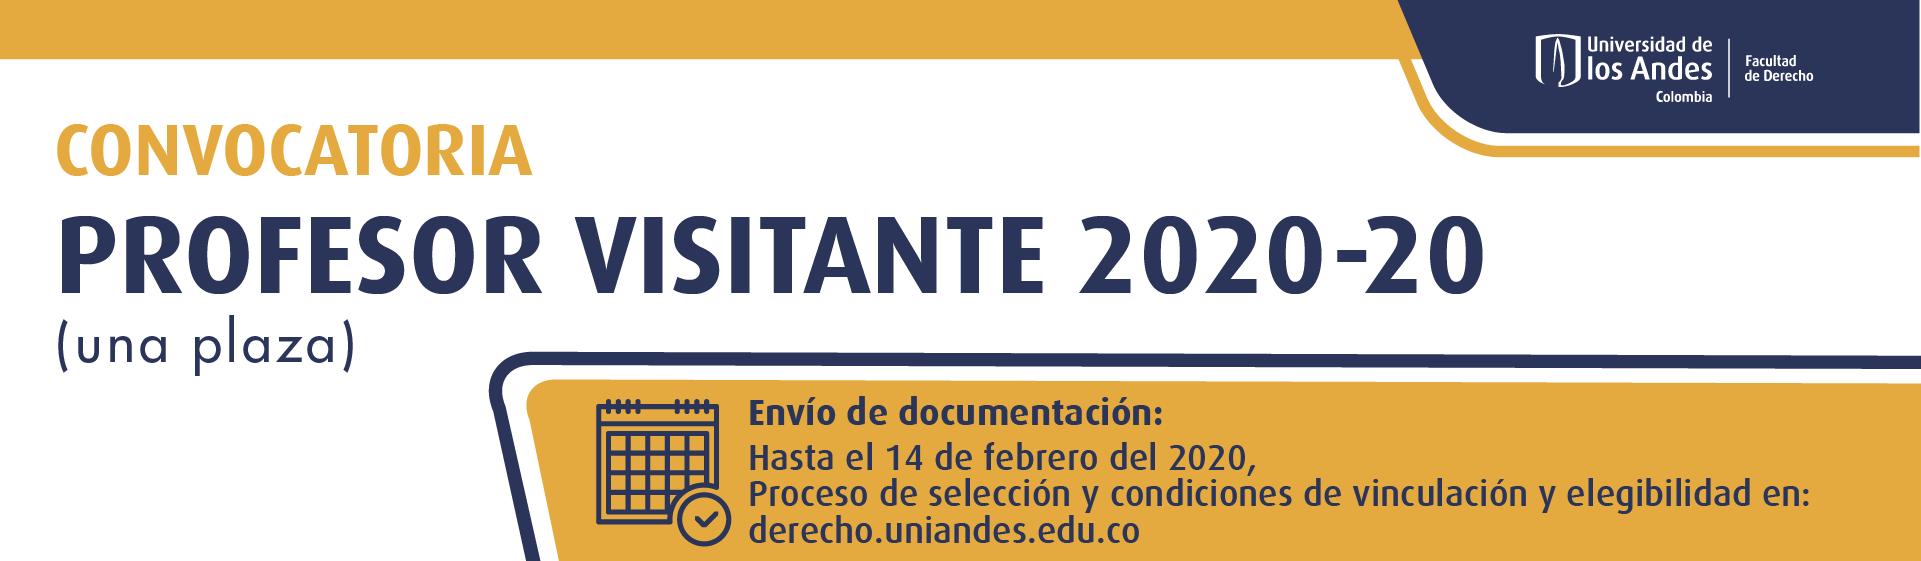 CONVOCATORIA PROFESOR VISITANTE 2020-20